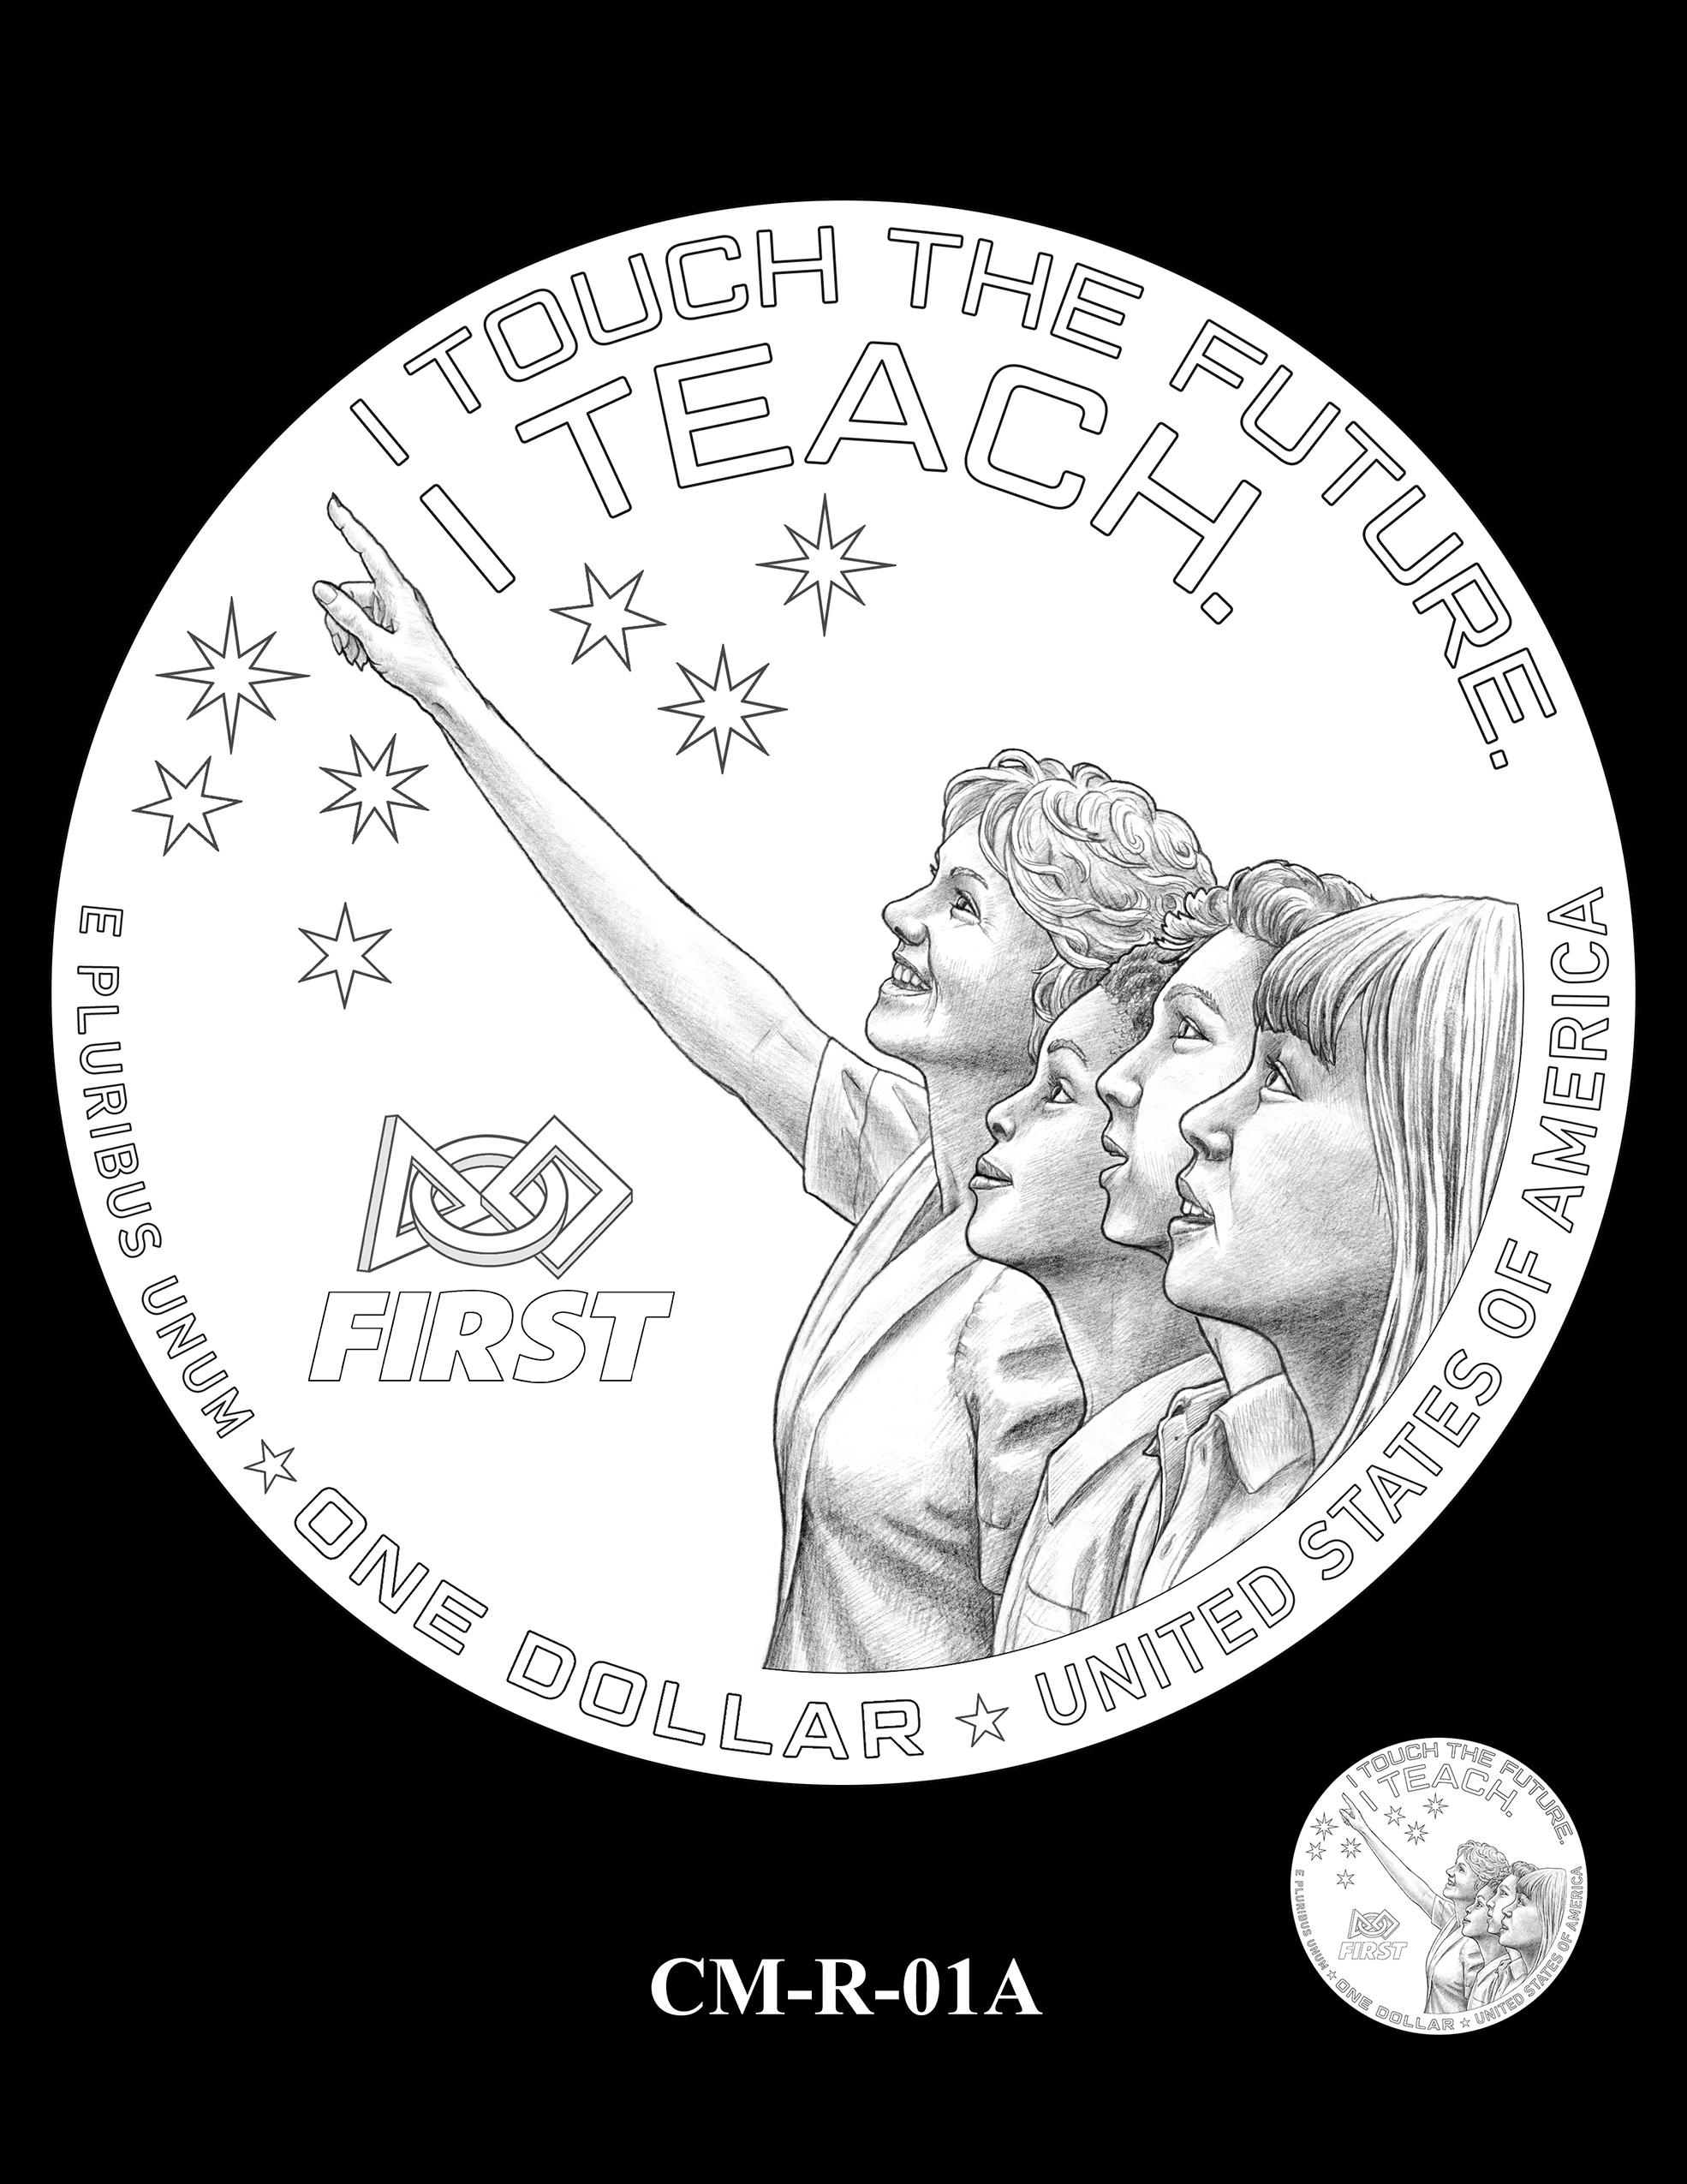 CM-R-01A -- 2021 Christa McAuliffe Commemorative Coin